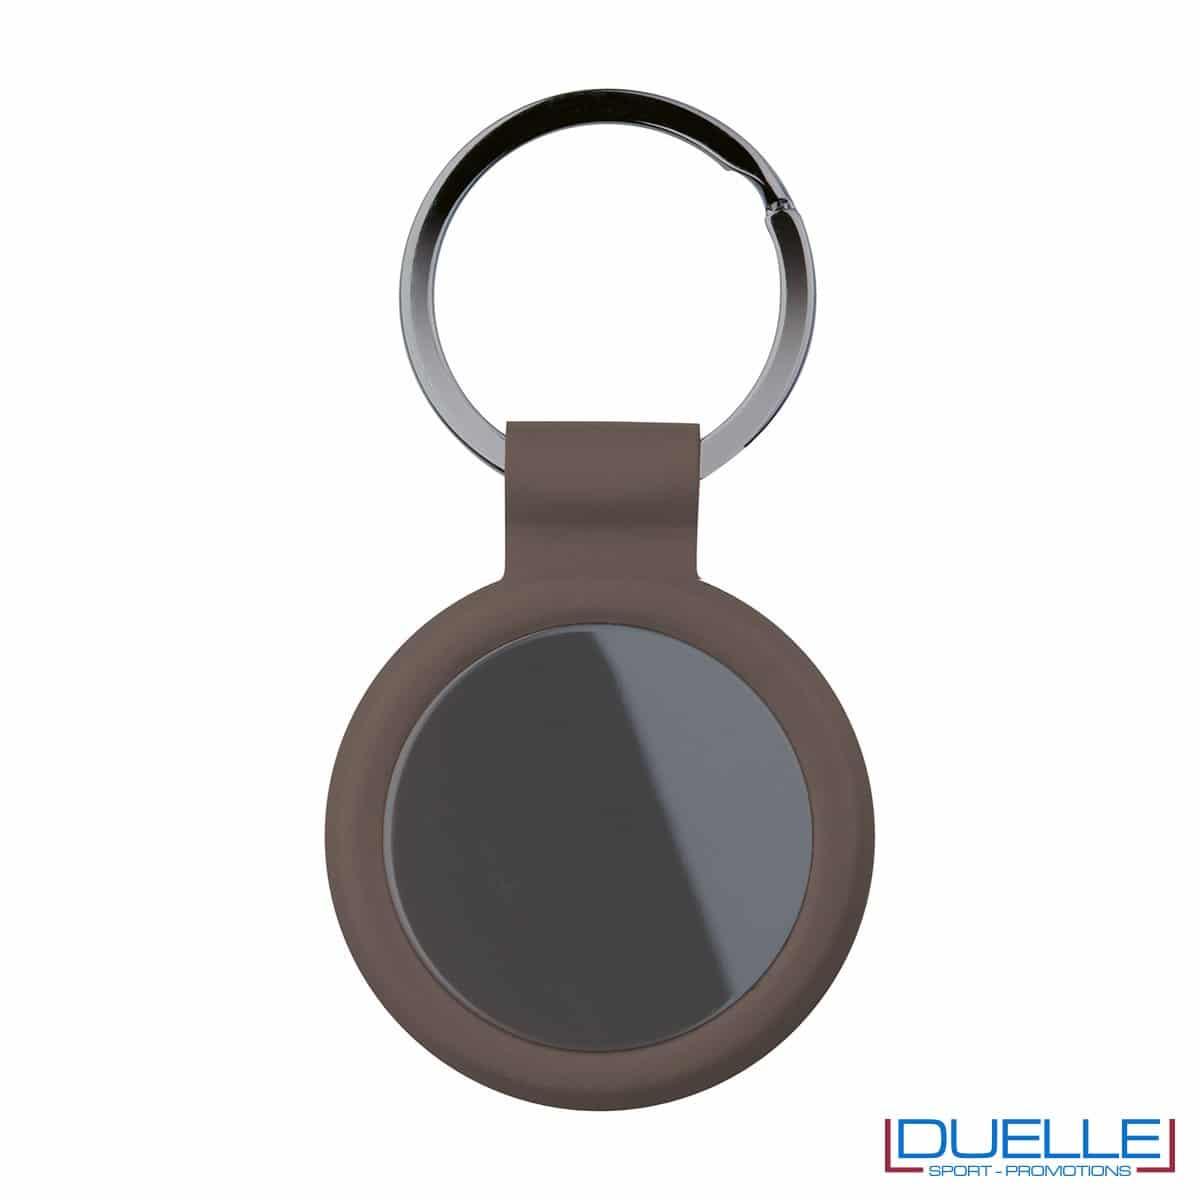 portachiavi personalizzato circolare in metallo gun metal con profilo marrone